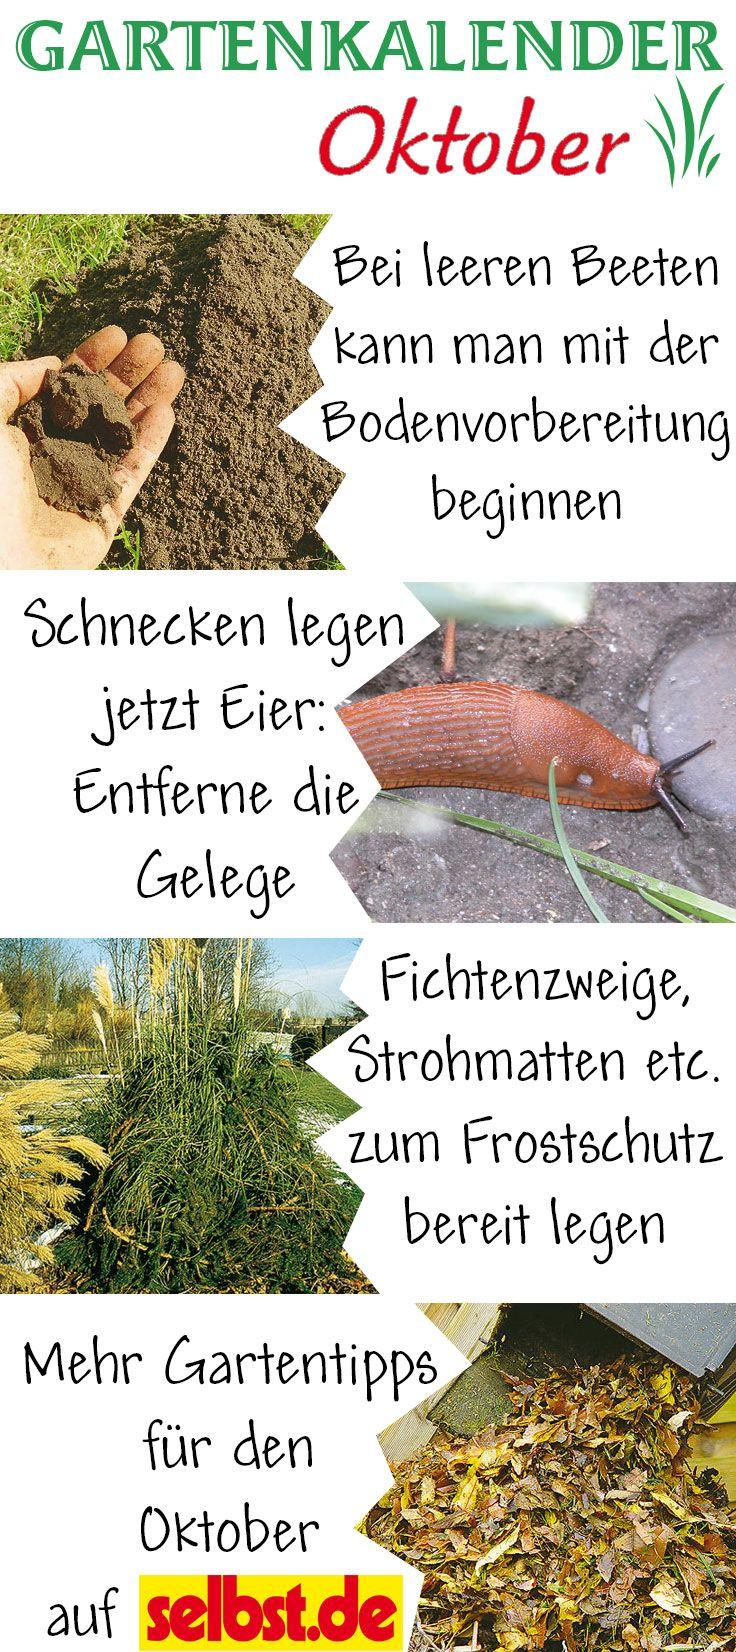 Im Oktober geht es im Garten richtig rund: Die Beete müssen abgeerntet, der Boden für die nächste Saison vorbereitet und die Pflanzen vor dem ersten Frost geschützt werden. Jetzt kannst du auch eine Schneckenplage im nächsten Jahr effektiv verhindern. Mehr Tipps, was du in deinem Garten im Oktober zu tun hast, findest du auf selbst.de.